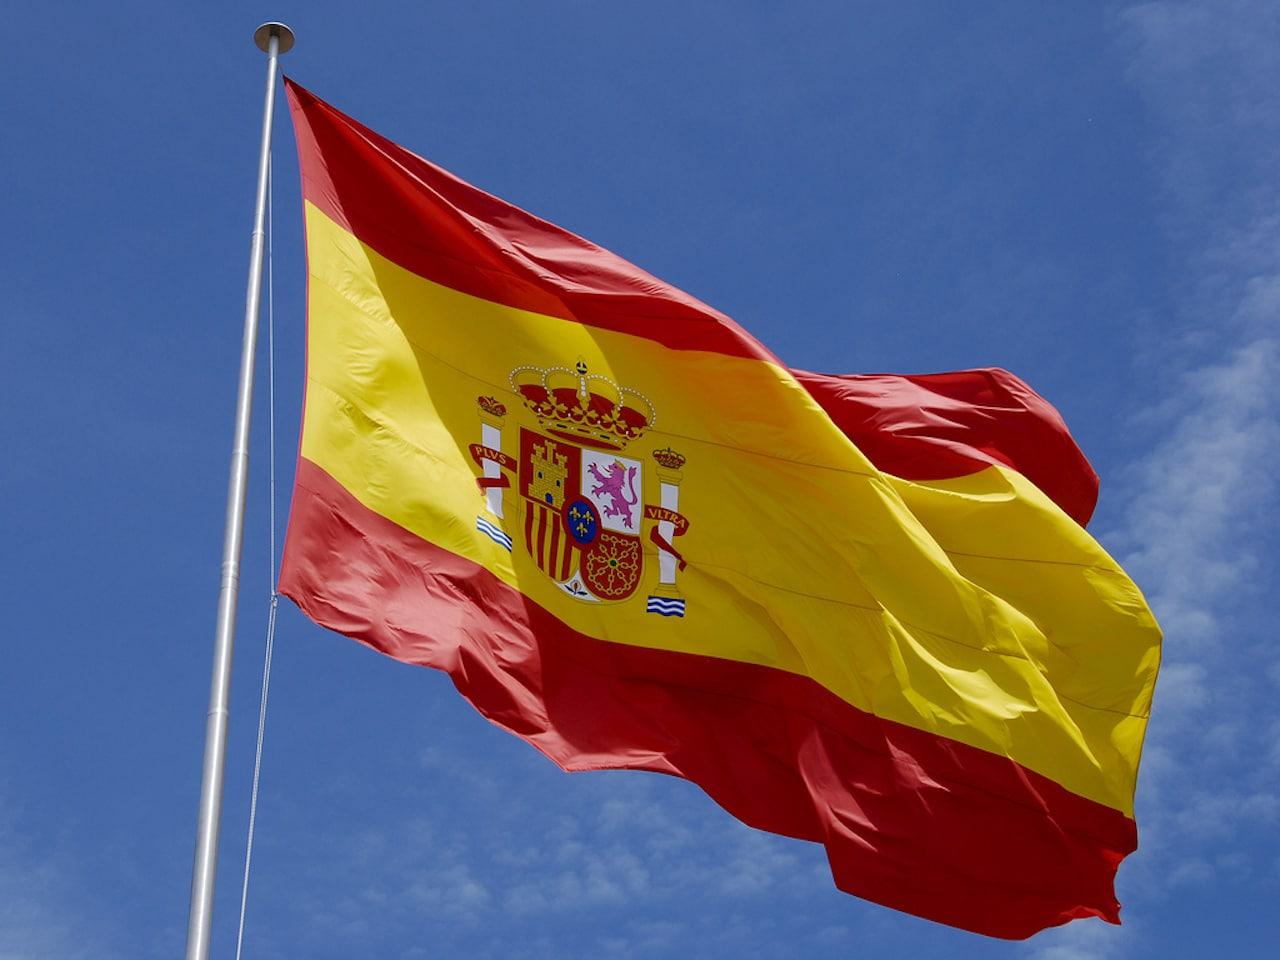 Proyecto San José para la evangelización de hombres católicos: una idea potente y pionera en España